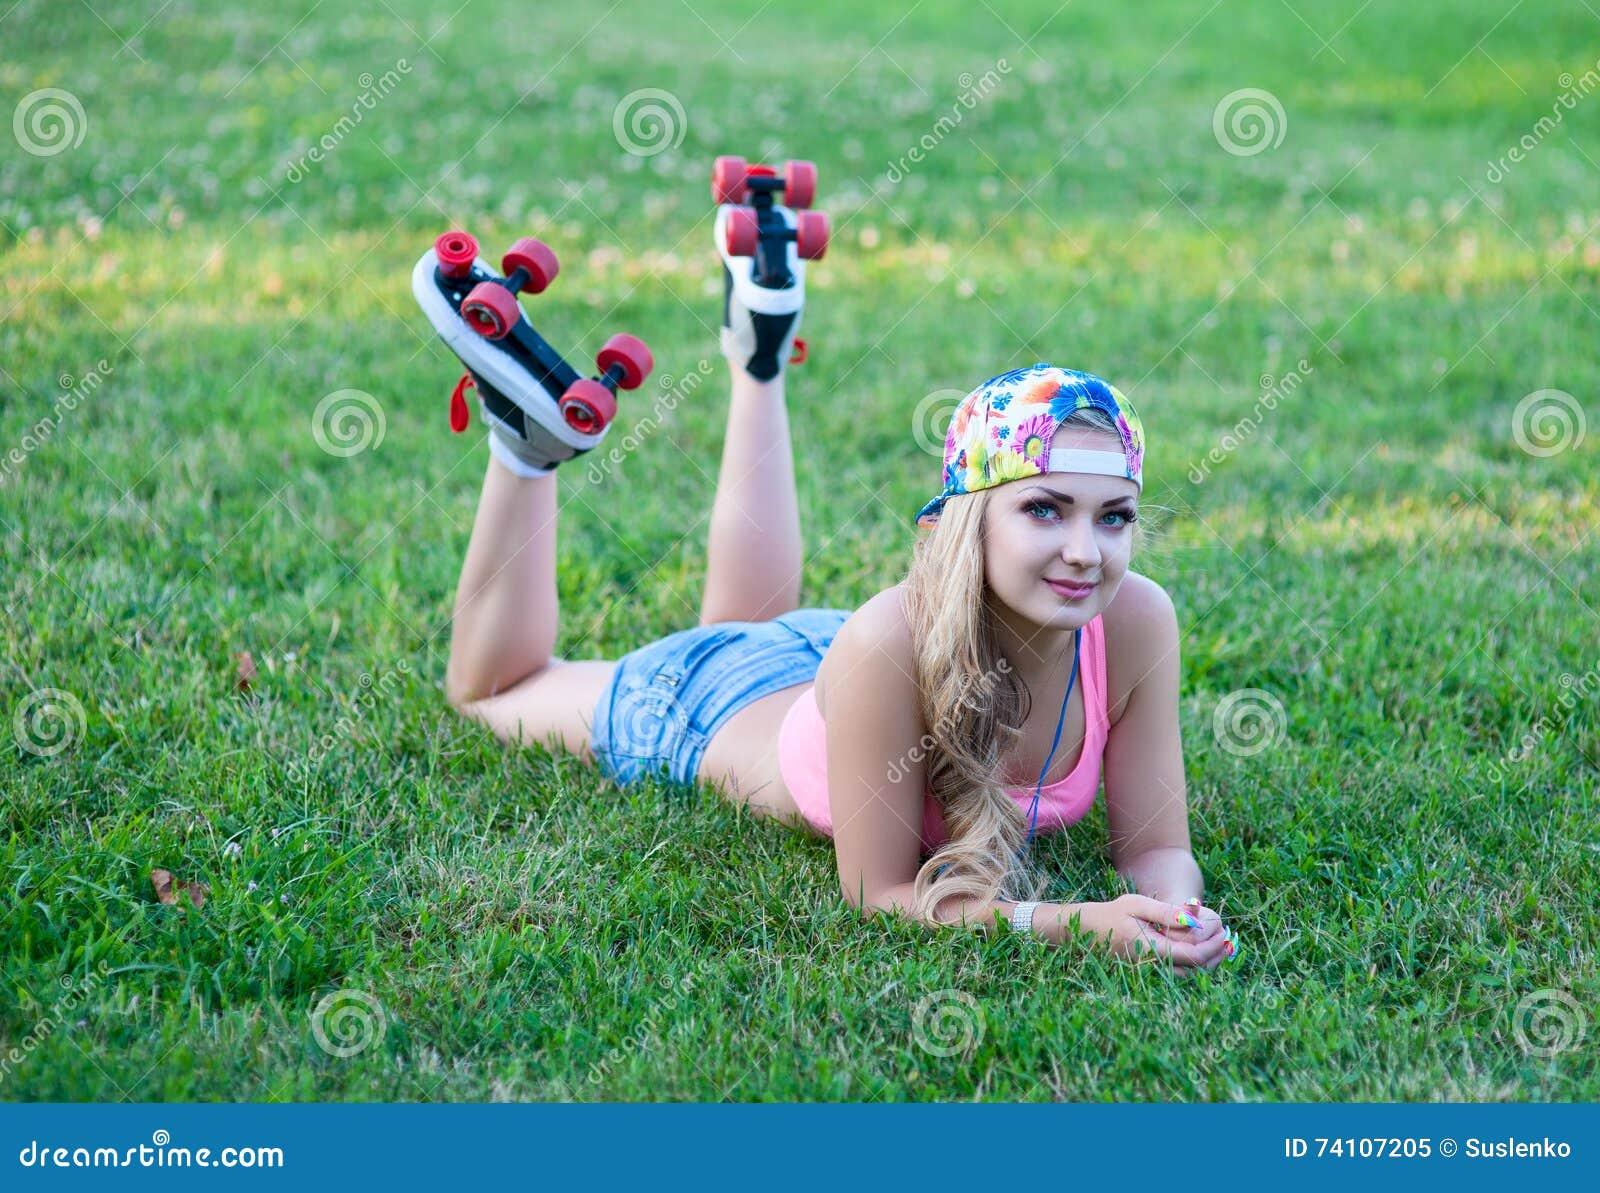 Girl On Vintage Roller Skates Lying On The Grass Stock